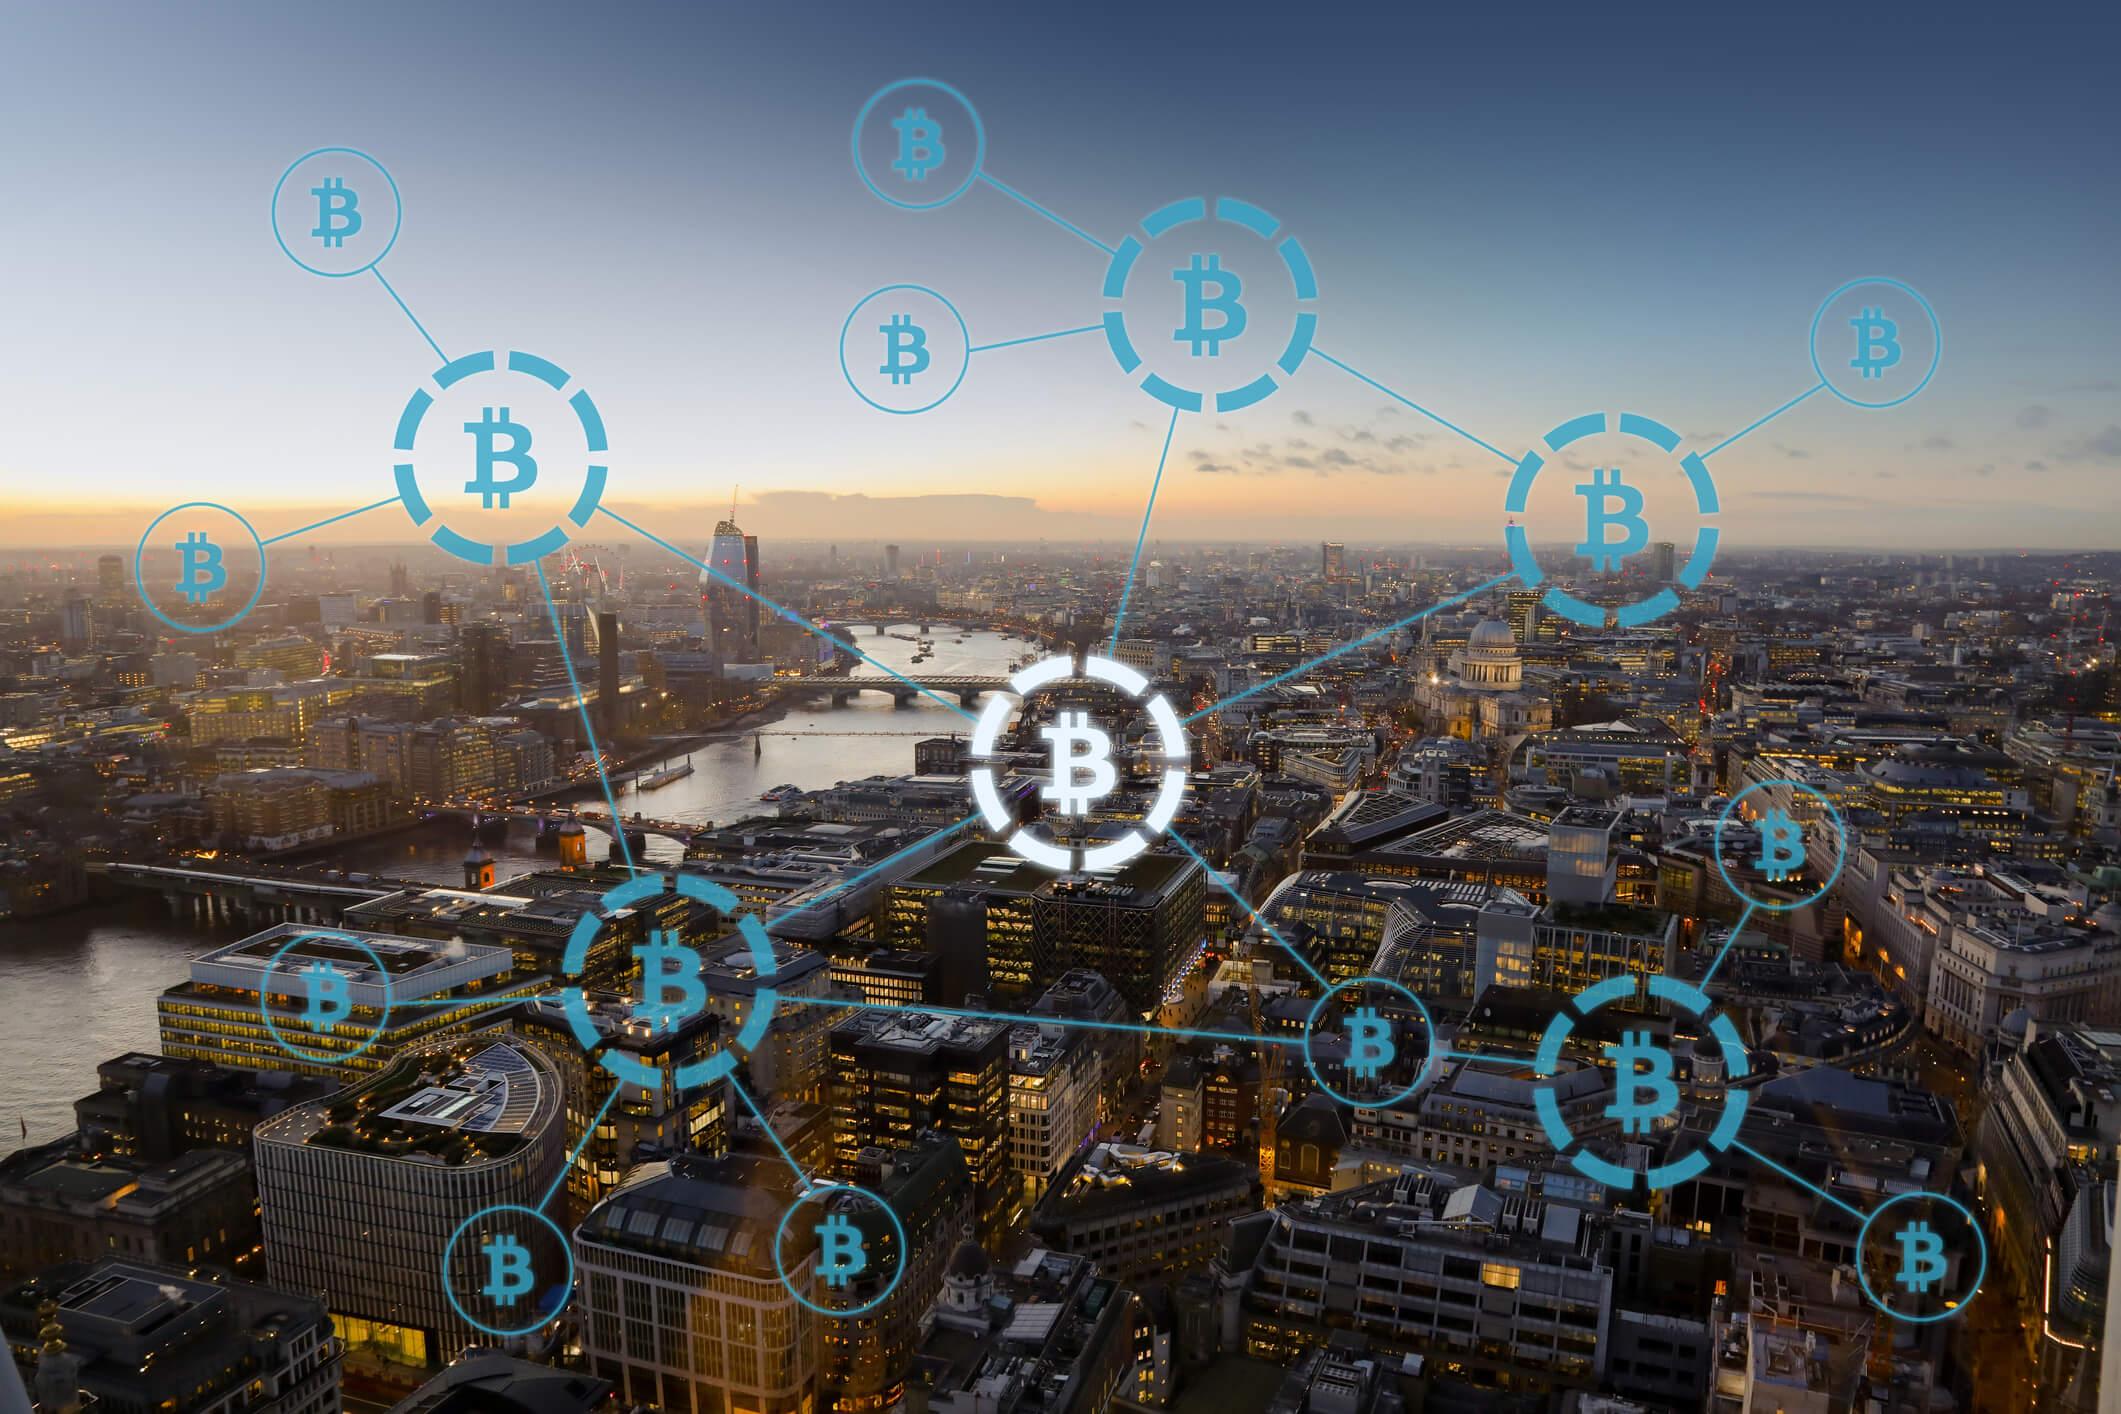 Bitcoin heeft andere massale adoptie-uitdagingen om op te lossen